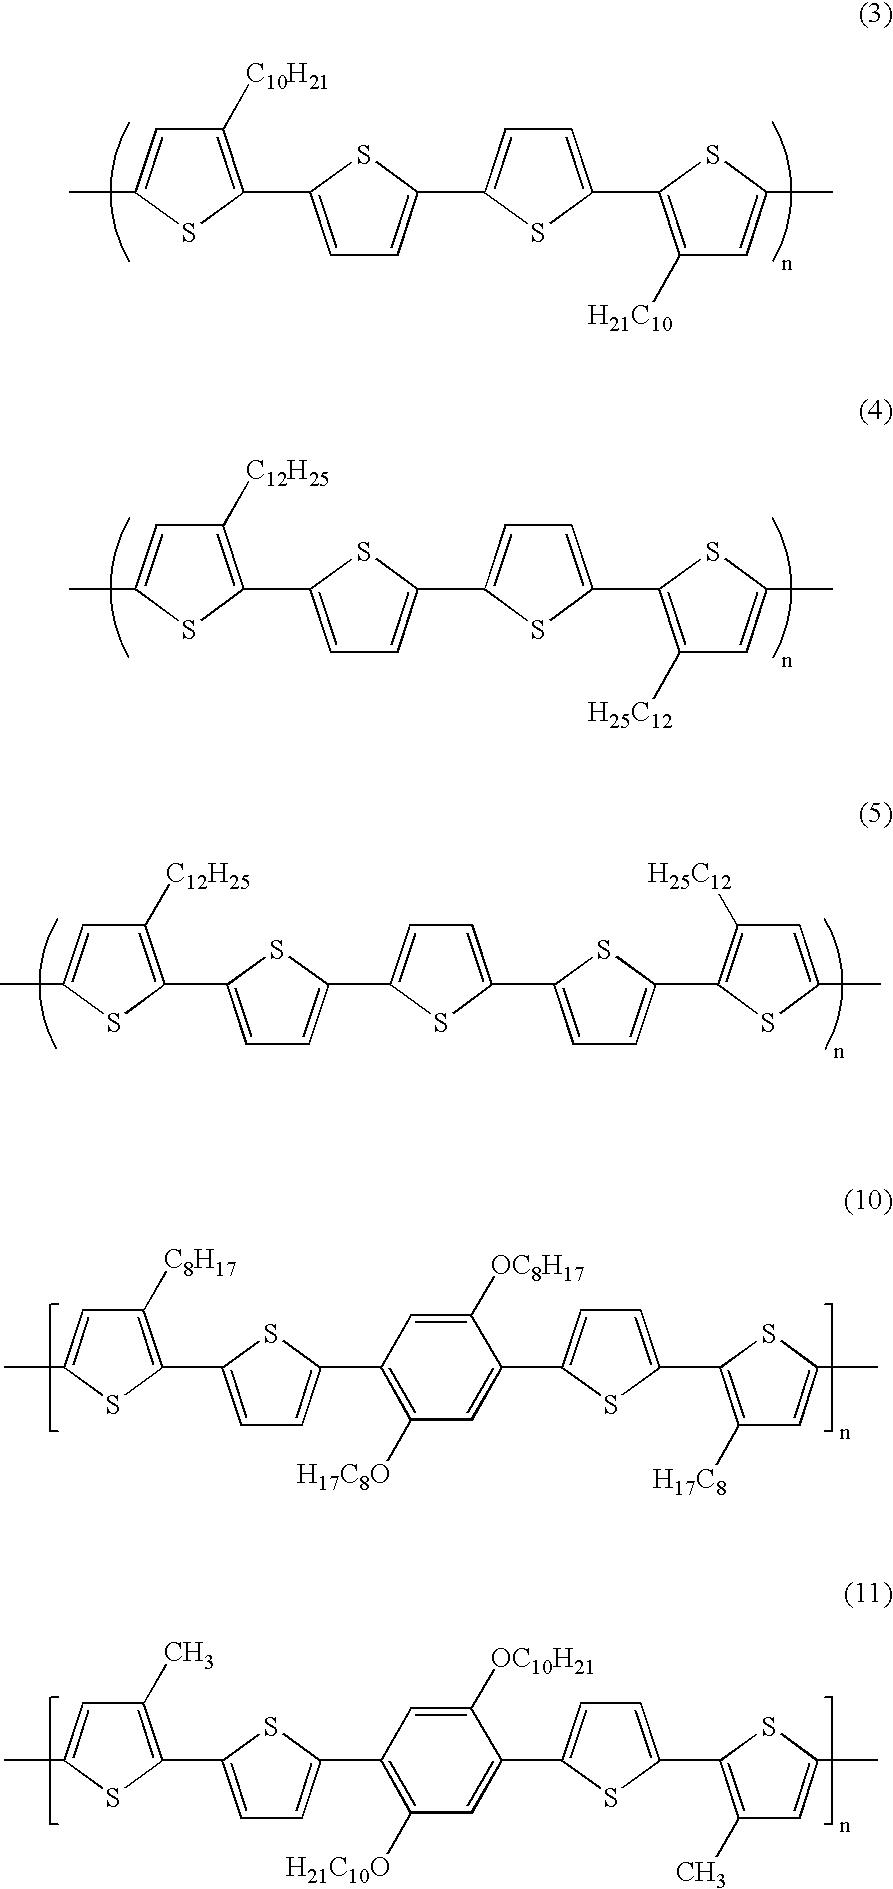 Figure US20050159580A1-20050721-C00017